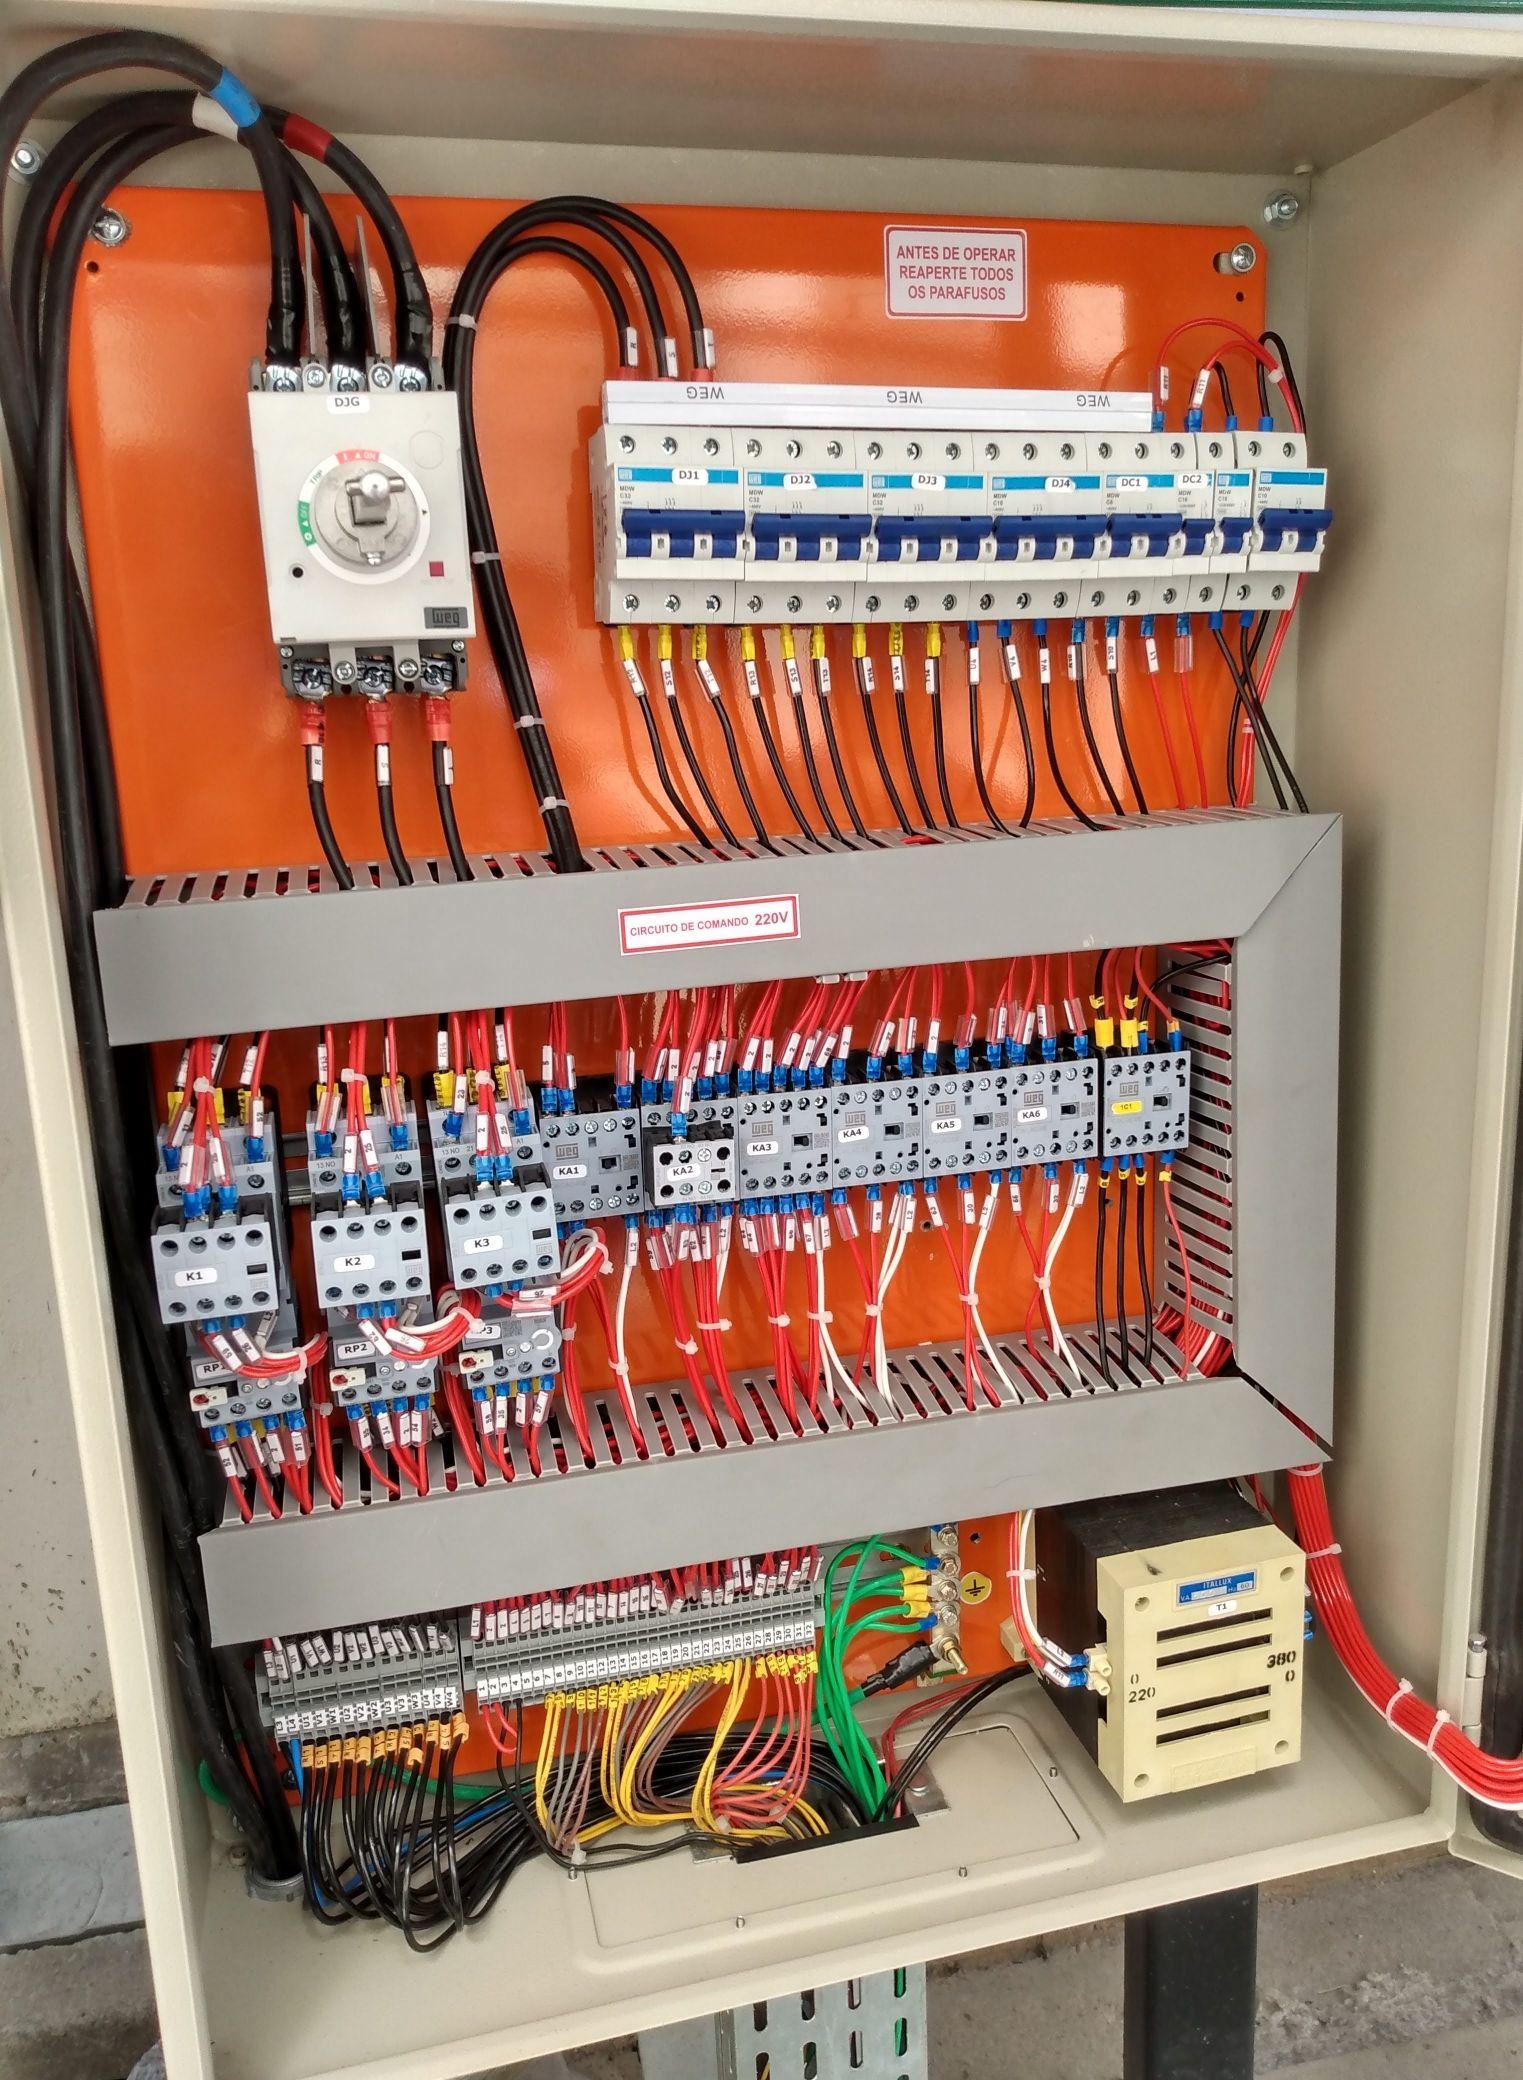 montagem do painel elétrico